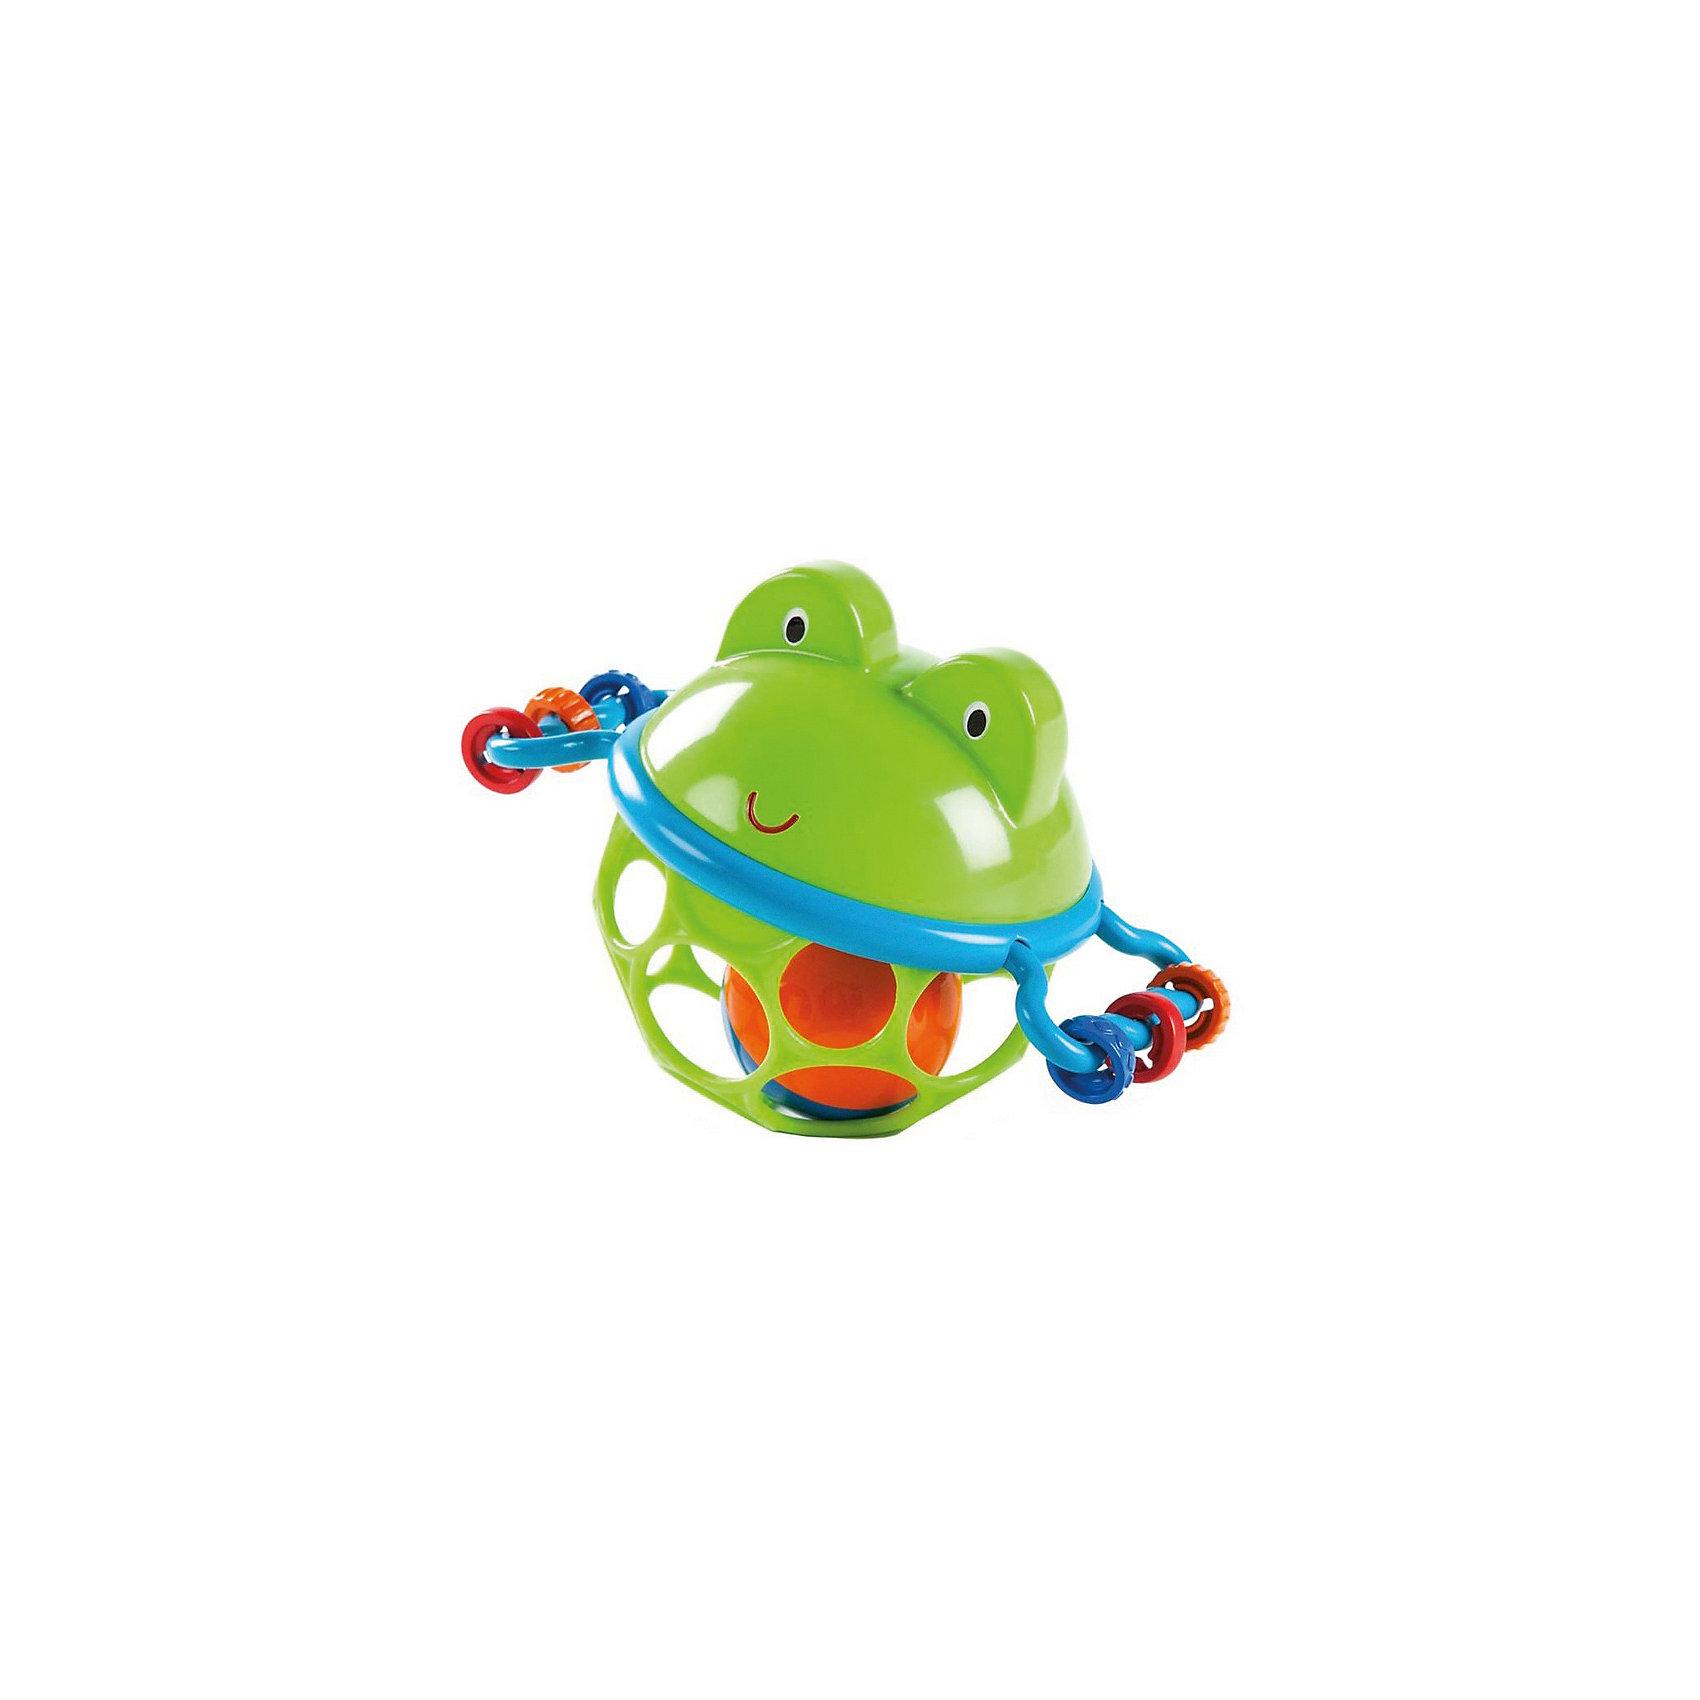 Развивающая игрушка-мяч «Лягушонок», OballРазвивающие игрушки<br>Характеристики игрушки:<br><br>• Предназначение: для развивающих и обучающих занятий<br>• Пол: универсальный<br>• Цвет: синий, зеленый, красный<br>• Материал: пластик<br>• Вес: 160 гр.<br>• Размеры (Д*Ш*В): 14,6*9,5*10,9 см<br><br>Развивающая игрушка-мяч «Лягушонок», Oball предназначена для самых маленьких детей. Погремушка от Oball выполнена с учетом психо-физиологических особенностей младенческого возраста: она легкая, выполнена в форме шара, внутри имеется шарик погремушка, выполнена в ярких цветах. Материал, из которого изготовлена игрушка отвечает всем международным стандартам качества и безопасности. Внутри шара имеется яркий мячик погремушка, по бокам шара – ручки с нанизанными на них элементами разной фактуры. <br><br>Развивающая игрушка-мяч «Лягушонок», Oball обеспечит не только увлекательный досуг вашему ребенку, но и позволит развивать у него слуховое и зрительное восприятие, мелкую моторику рук, координацию движений. <br><br>Развивающую игрушку-мяч «Лягушонок», Oball можно купить в нашем интернет-магазине.<br><br>Подробнее:<br>Для детей в возрасте: от 0 месяцев до 2 лет<br>Номер товара: 4585933<br>Страна производитель: Китай<br><br>Ширина мм: 158<br>Глубина мм: 144<br>Высота мм: 71<br>Вес г: 100<br>Возраст от месяцев: 0<br>Возраст до месяцев: 12<br>Пол: Унисекс<br>Возраст: Детский<br>SKU: 4585933